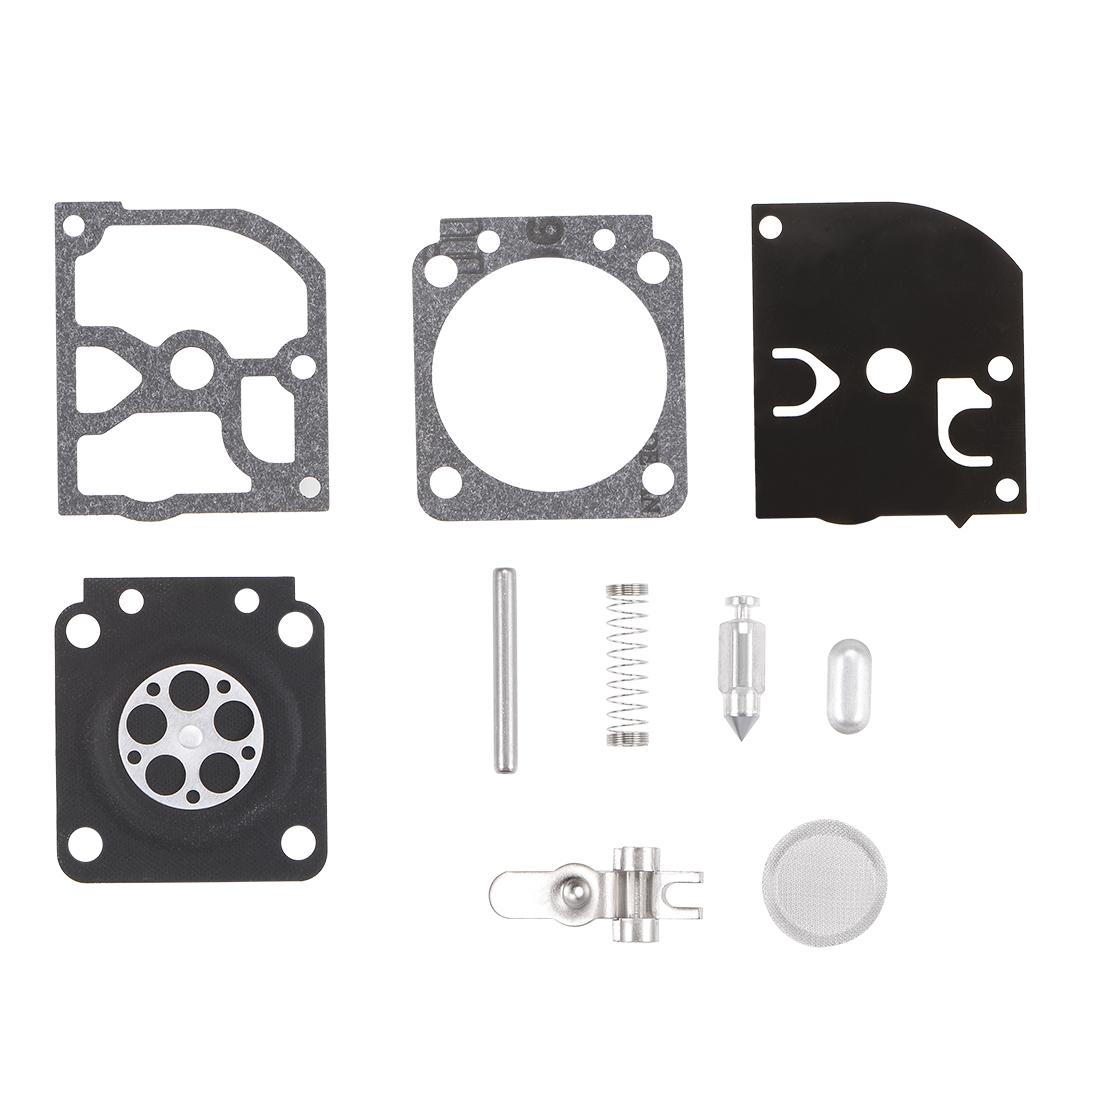 RB-145 Carburetor Rebuild Kit Gasket Diaphragm for RB-145 Carburetor Carb 3pcs